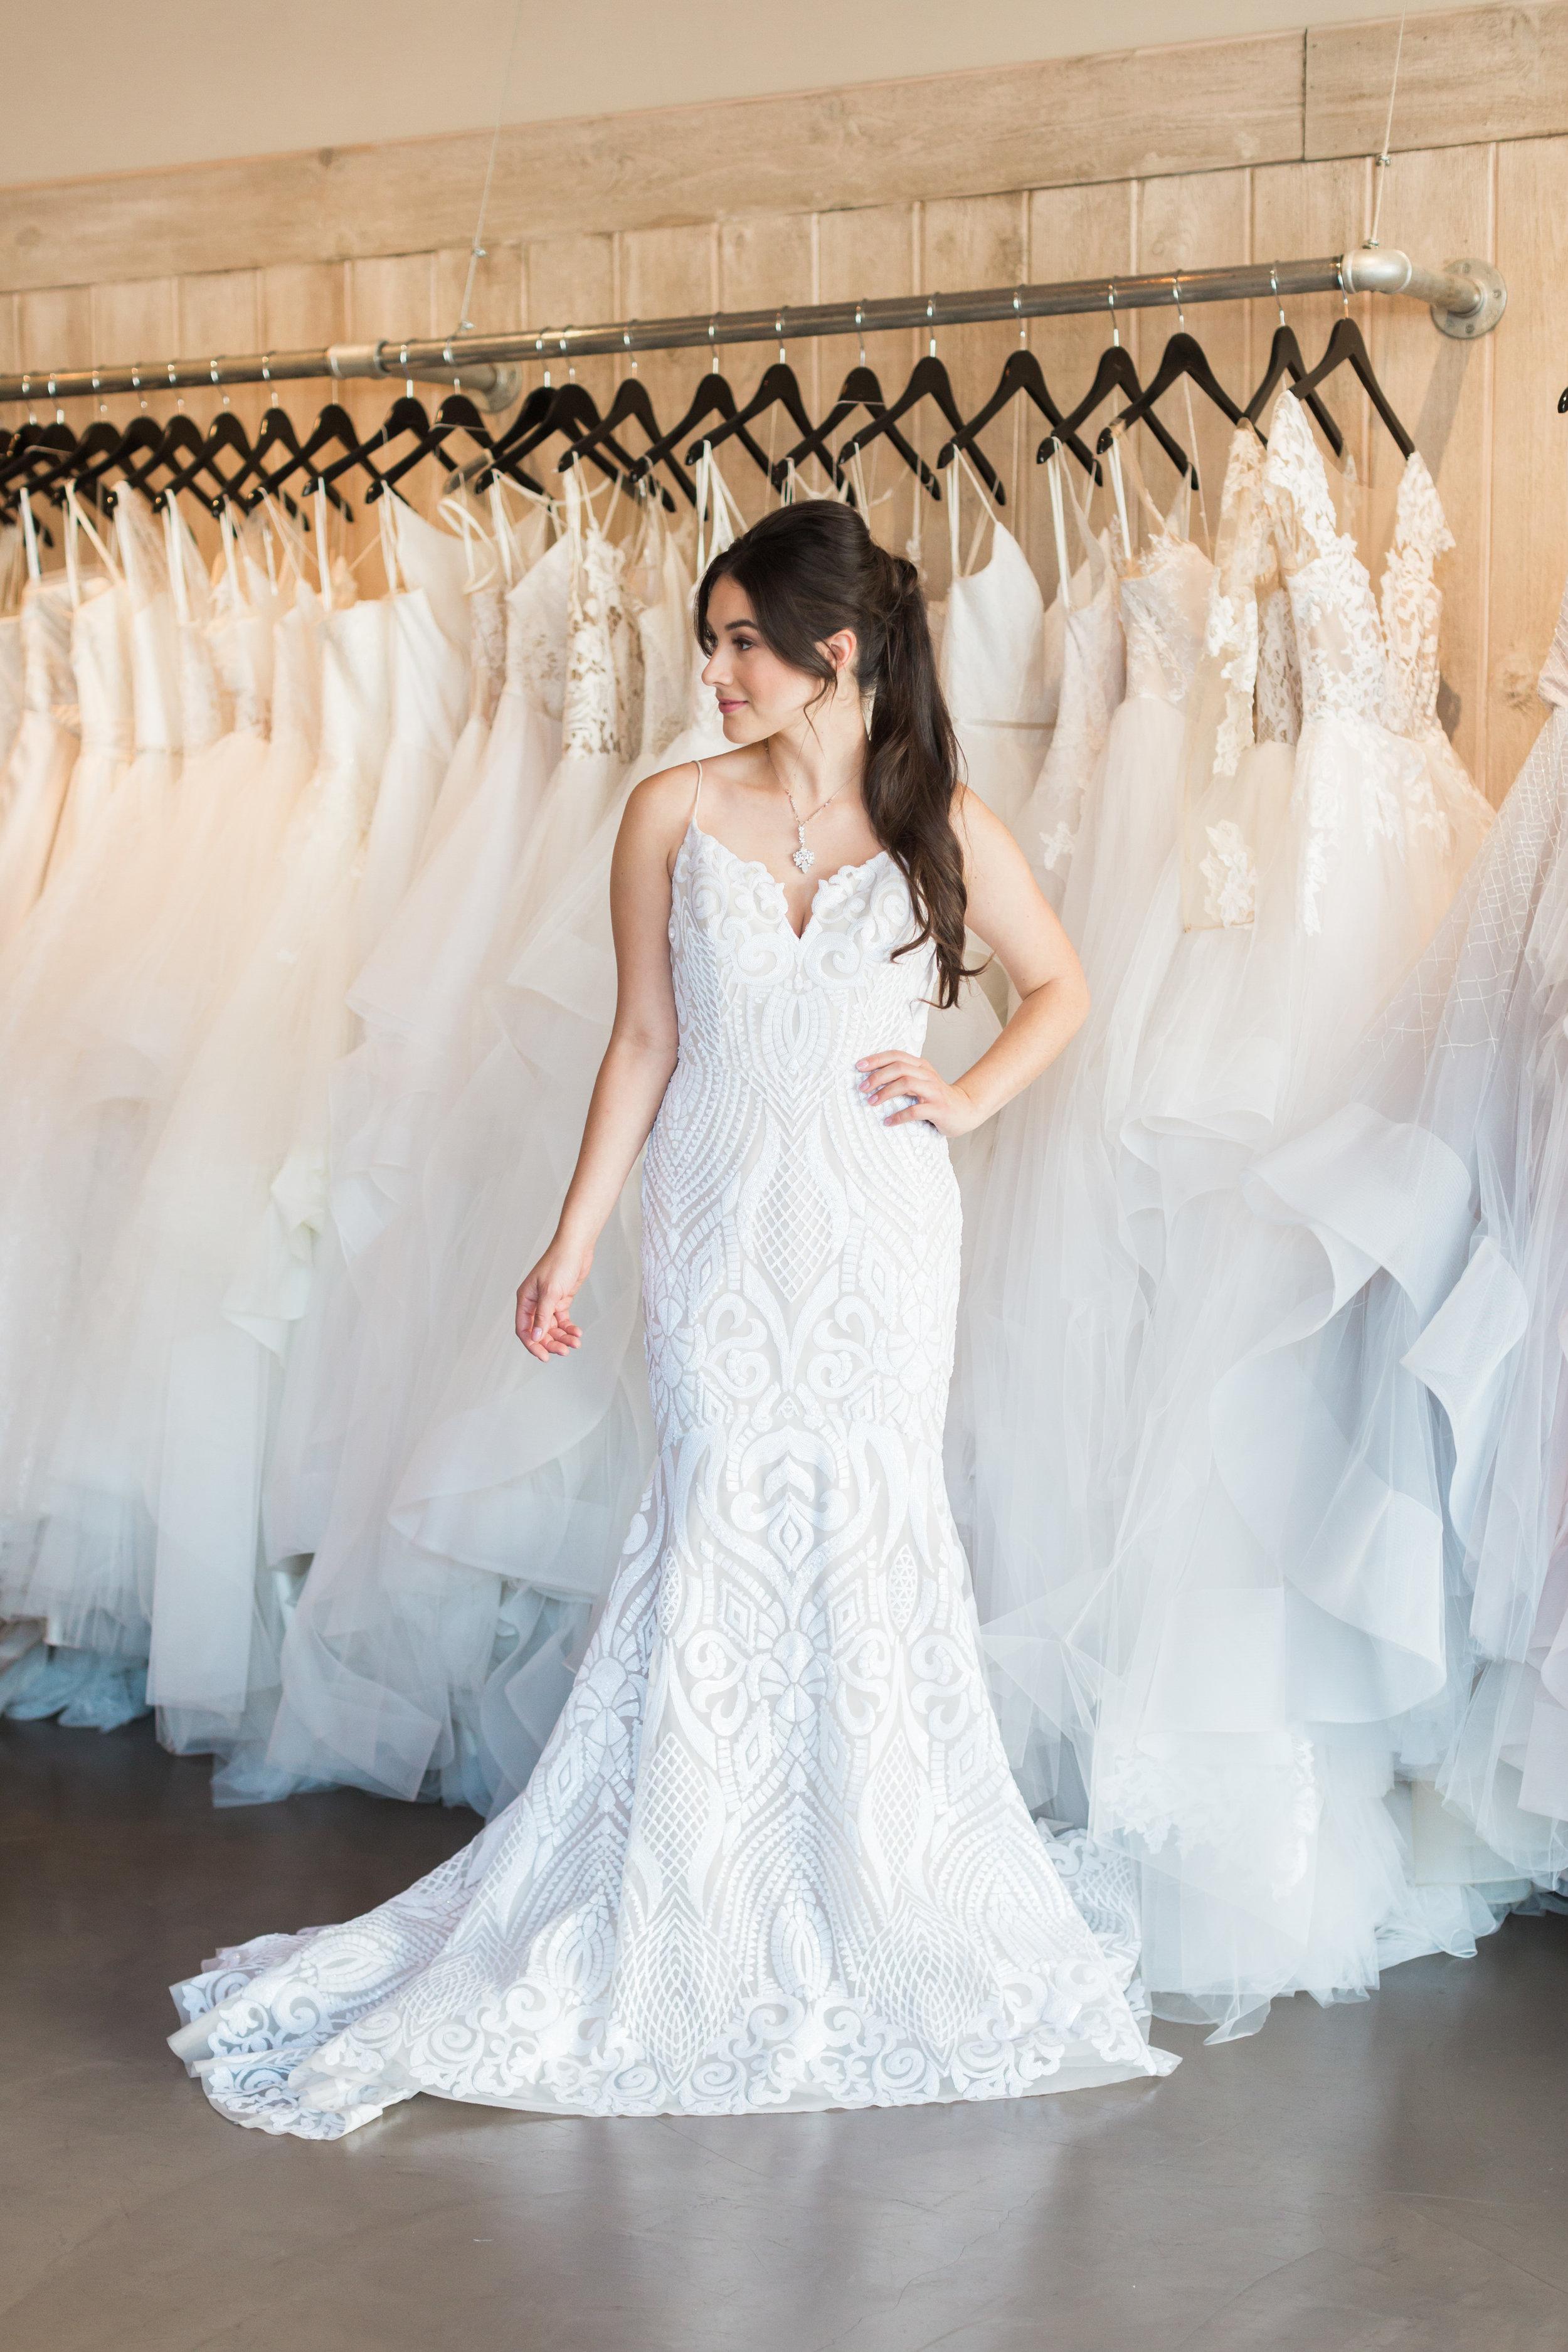 haute-bride-bridal-shop-7.jpg